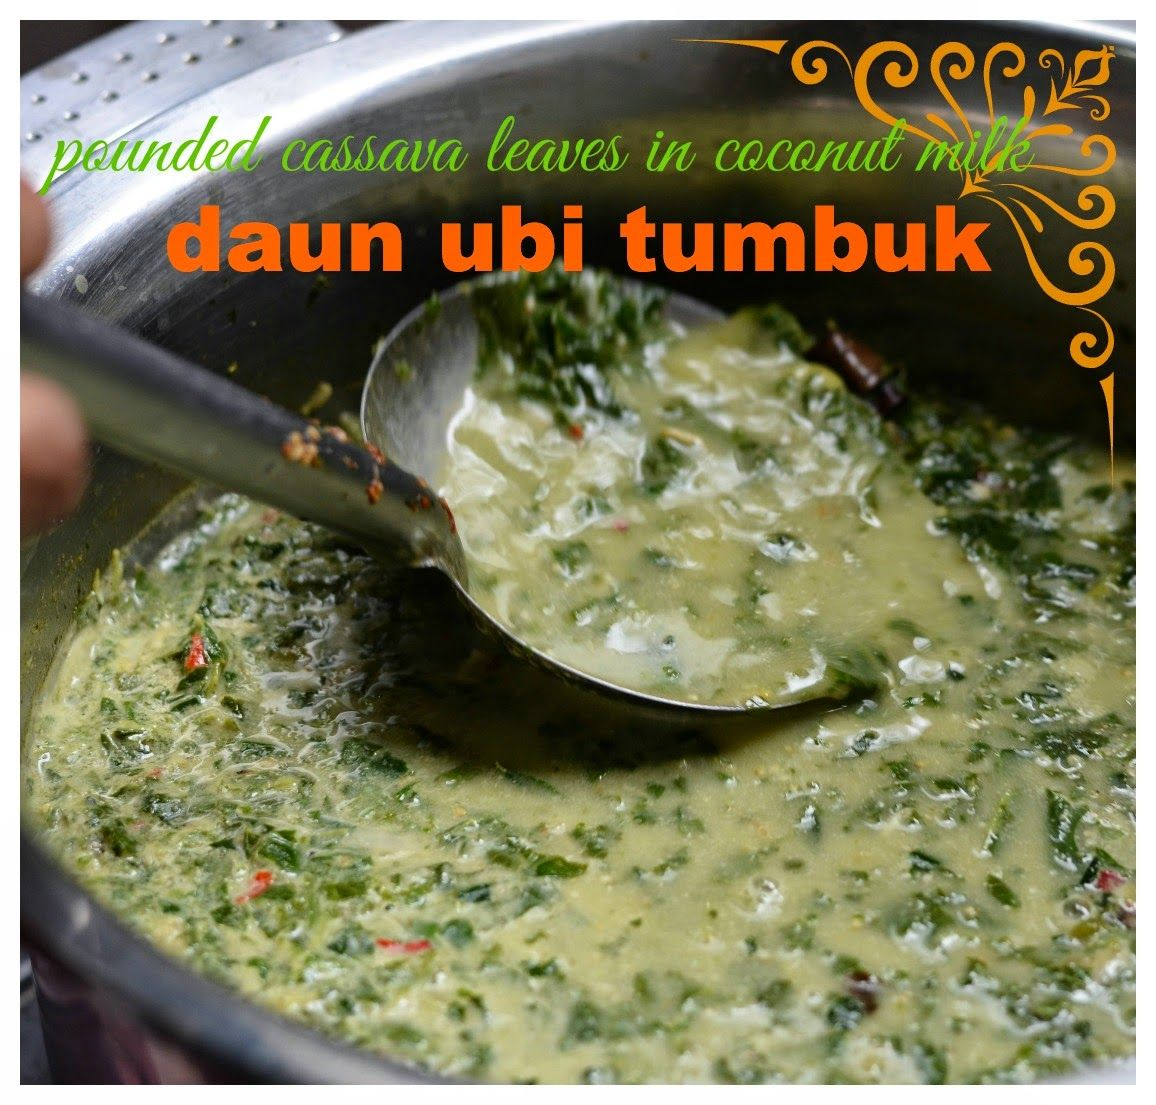 Saya Sudah Pernah Mem Post Resep Daun Ubi Tumbuk Yang Merupakan Masakan Khas Sumatera Utara Sebelumny Resep Masakan Indonesia Masakan Indonesia Resep Masakan